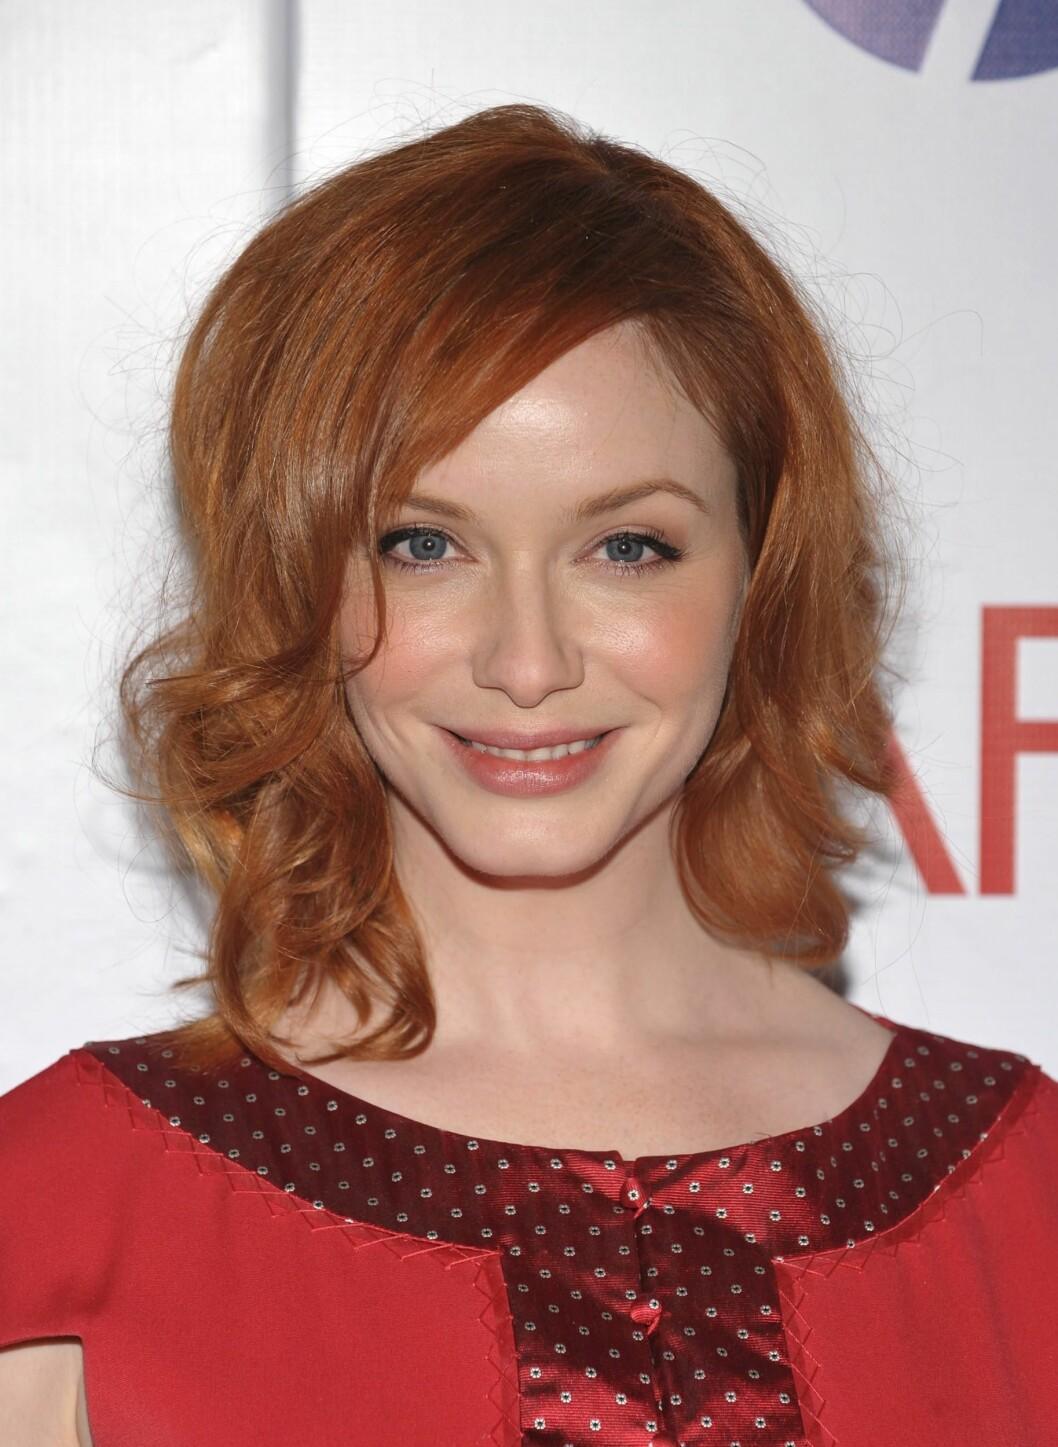 Også Christina Hendricks har skjønt at ferskenfarger funker som fjell til lys hud og rødt hår.  Foto: All Over Press